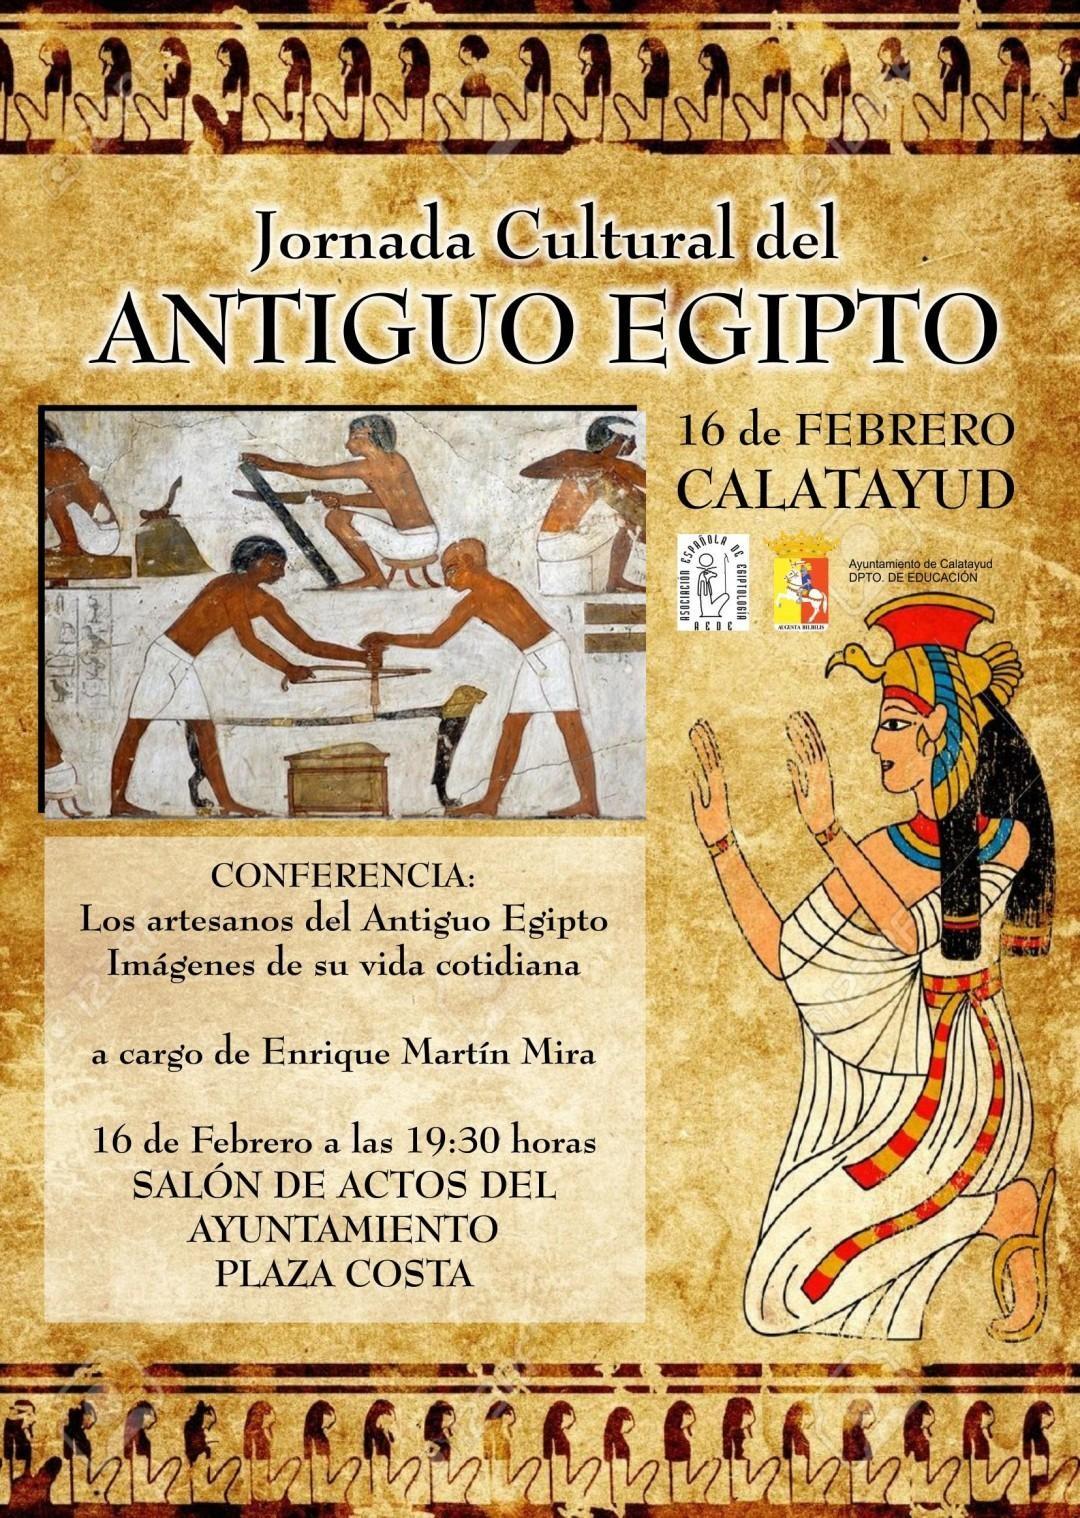 Calatayud Descubre Este Jueves La Artesanía En El Antiguo Egipto